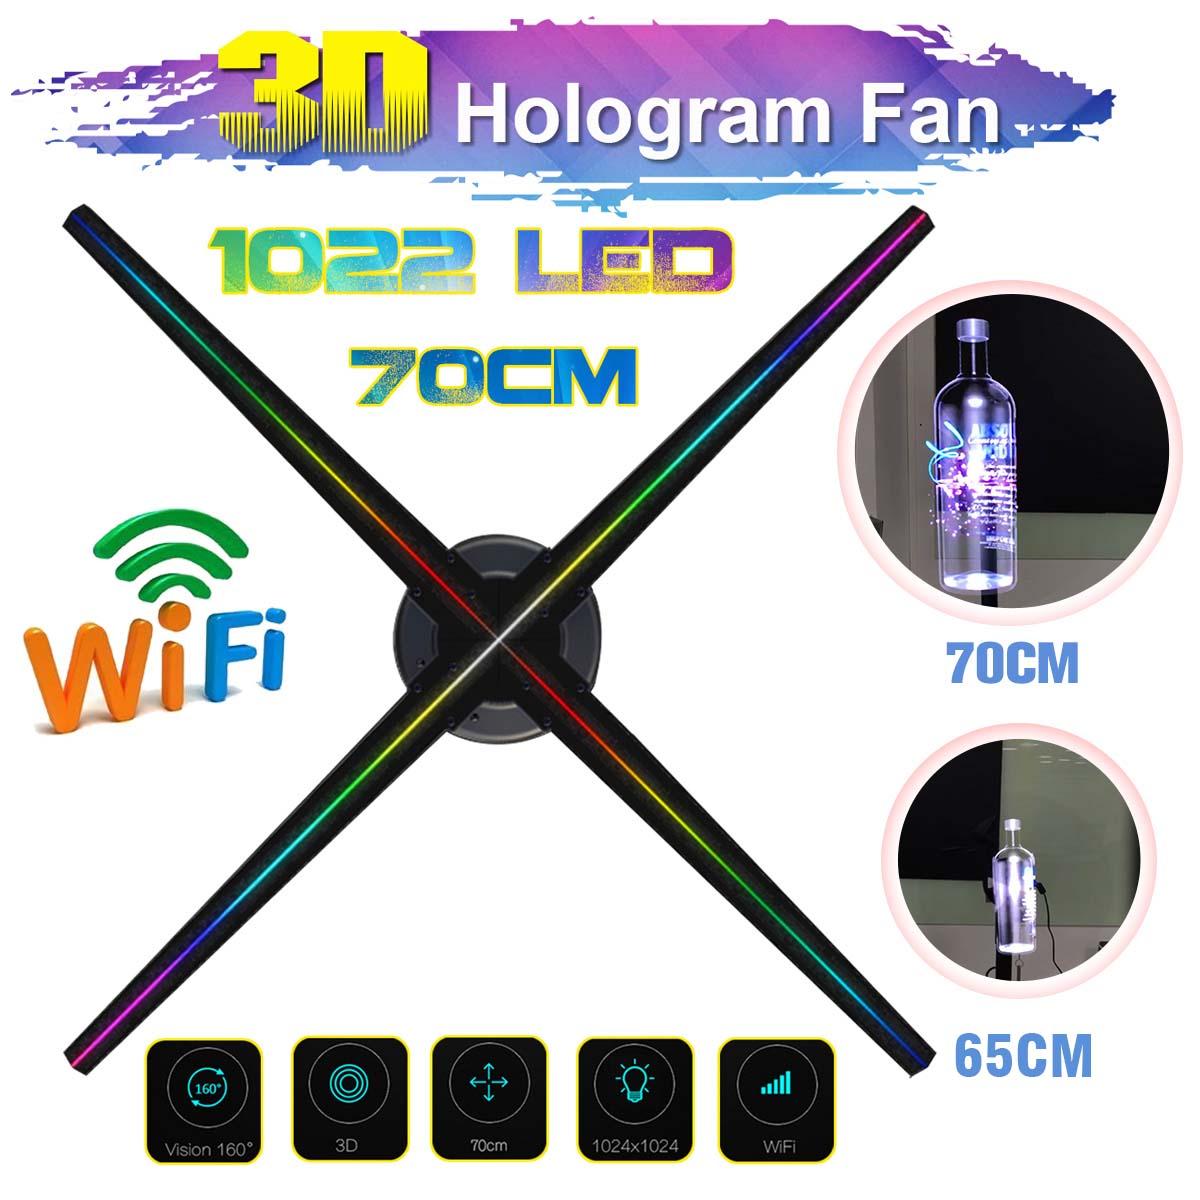 Mis à niveau 70 cm Wifi 3D holographique projecteur ventilateur hologramme lecteur écran vidéo LED ventilateur publicité lumière APP contrôle Four Axil